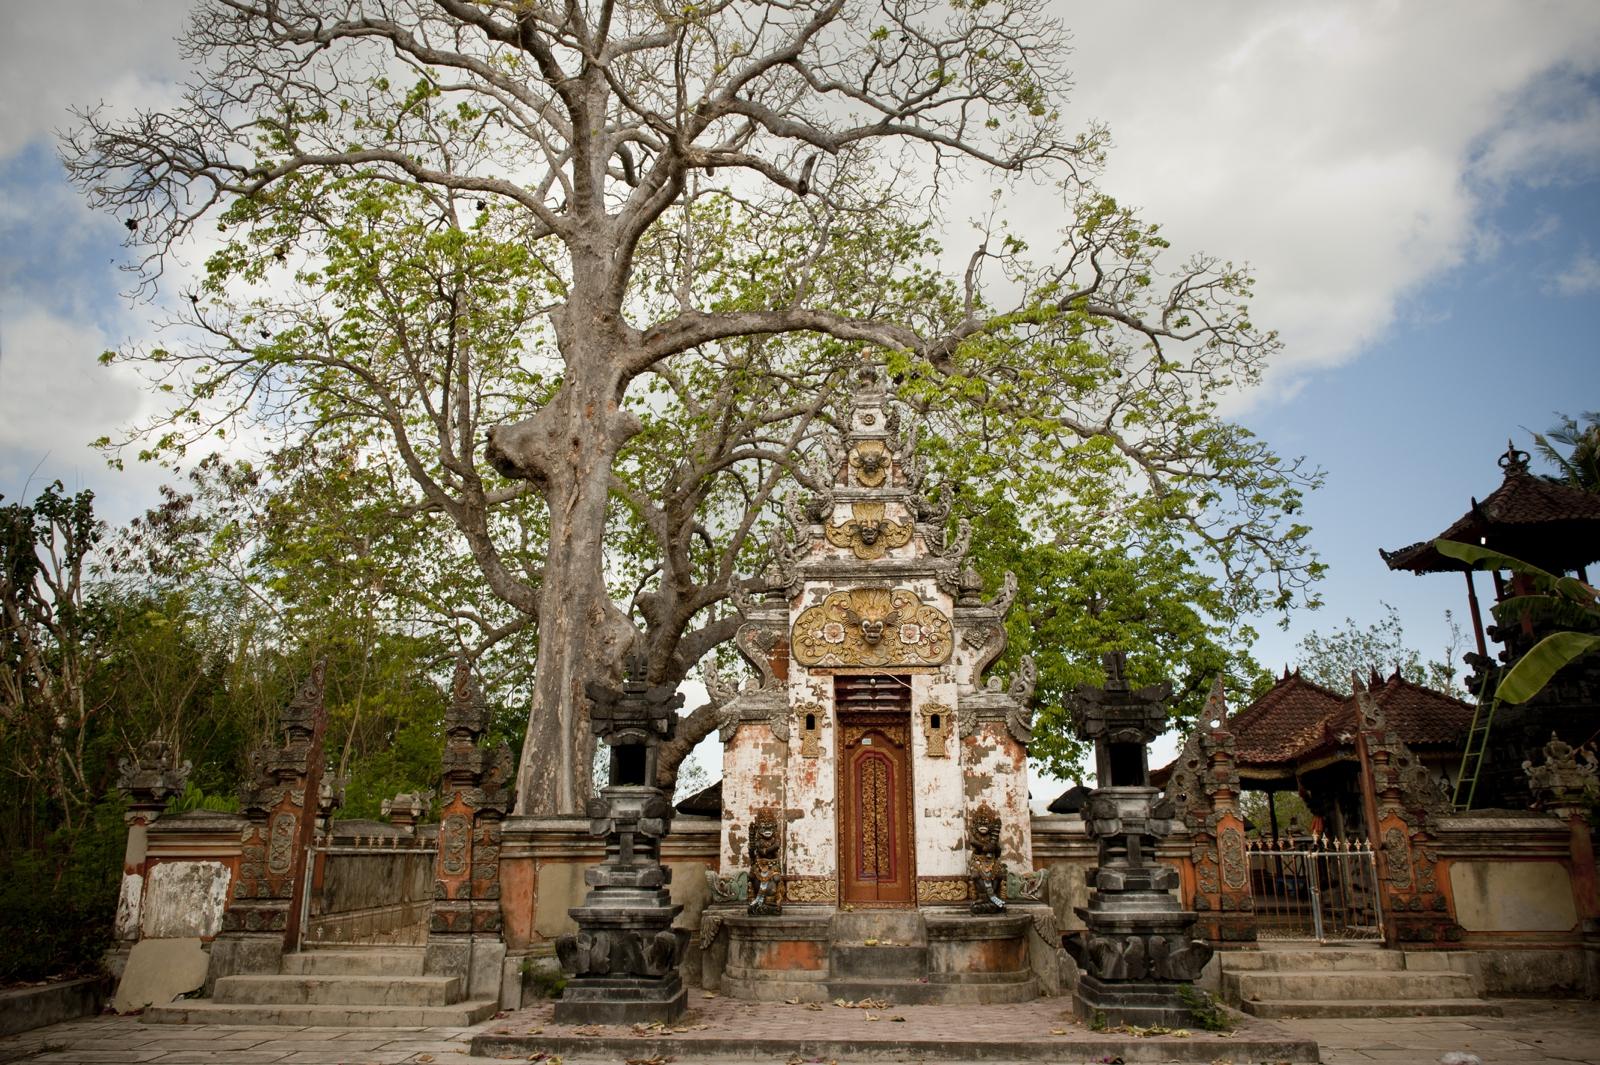 Temple in Nusa Lembongan